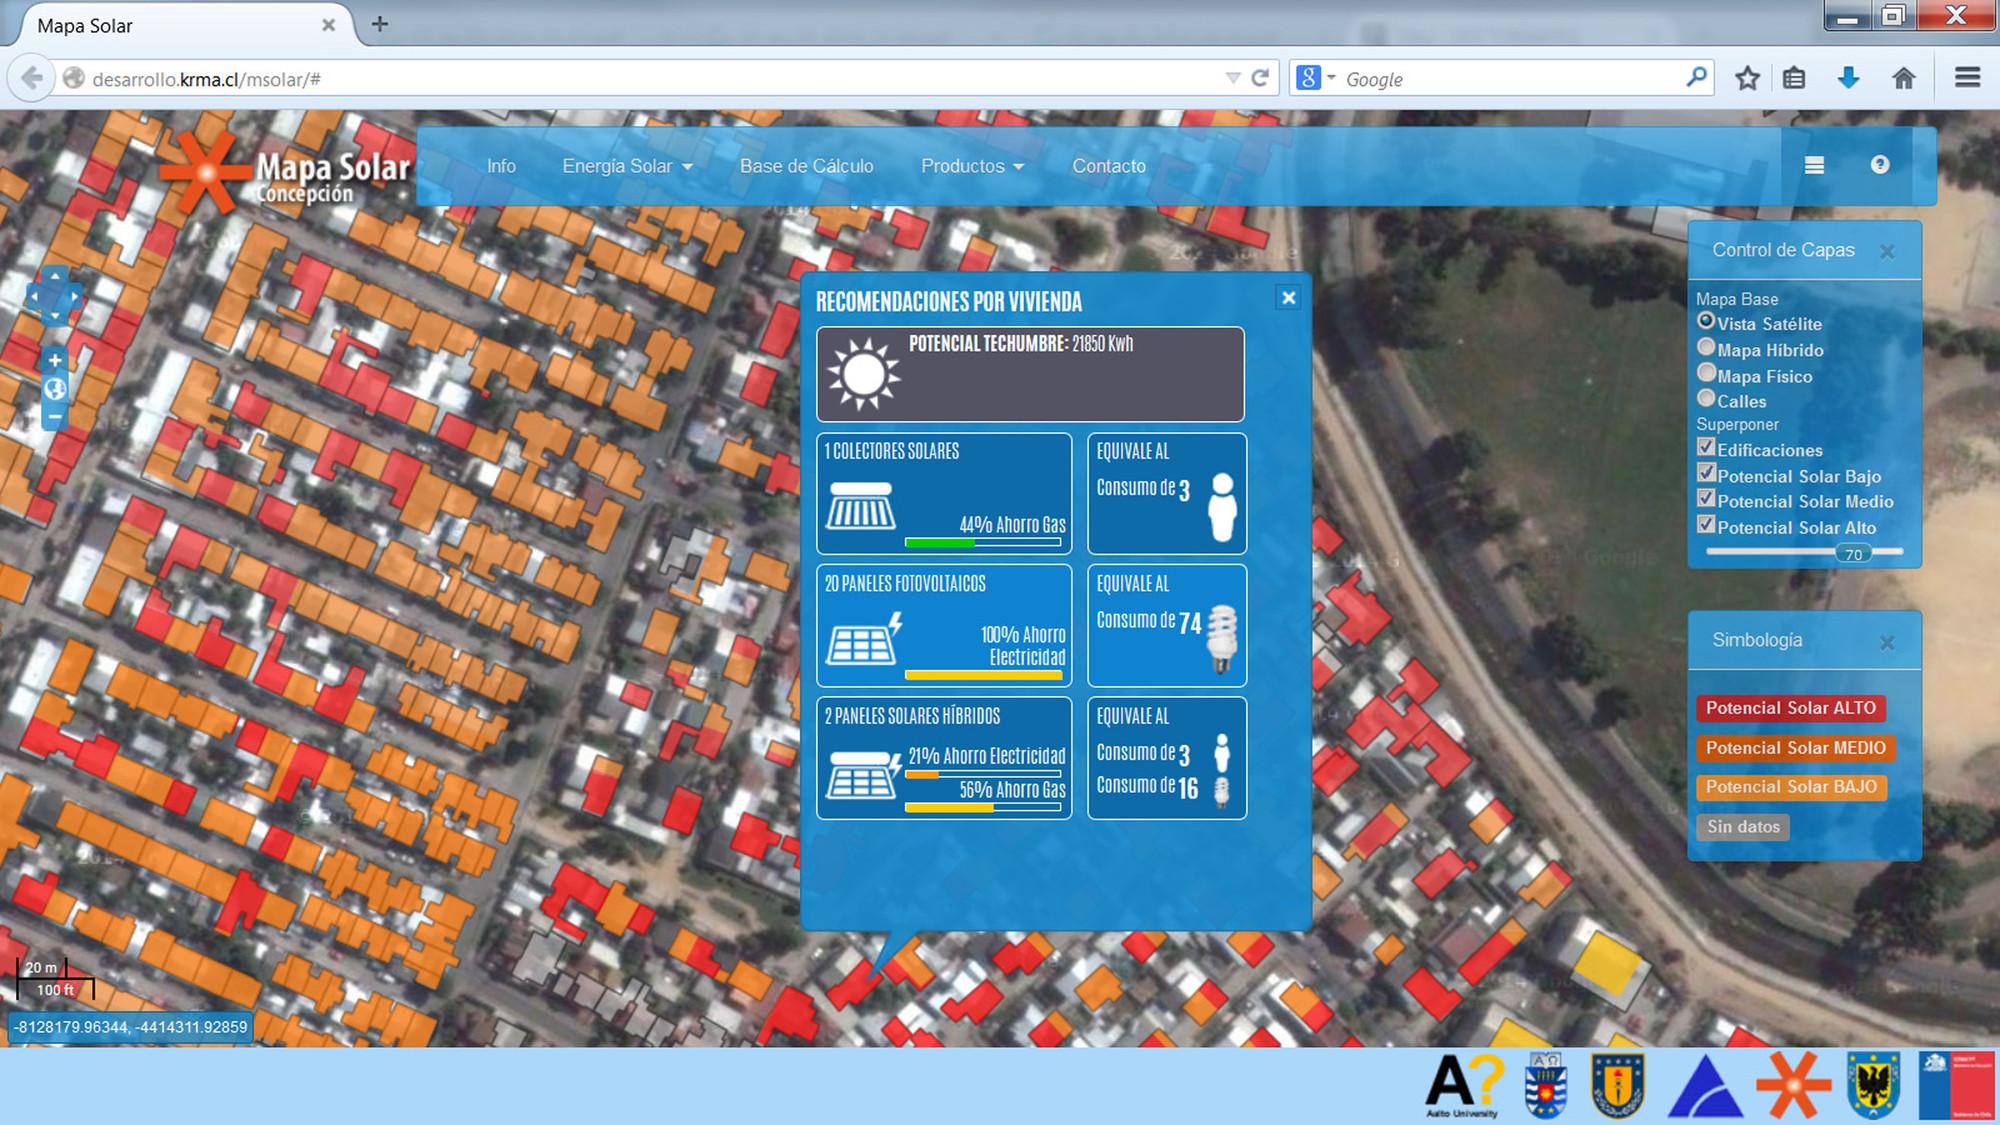 Lanzamiento del mapa solar de Concepción / Chile, © CONFIN AKA-ERNC-007